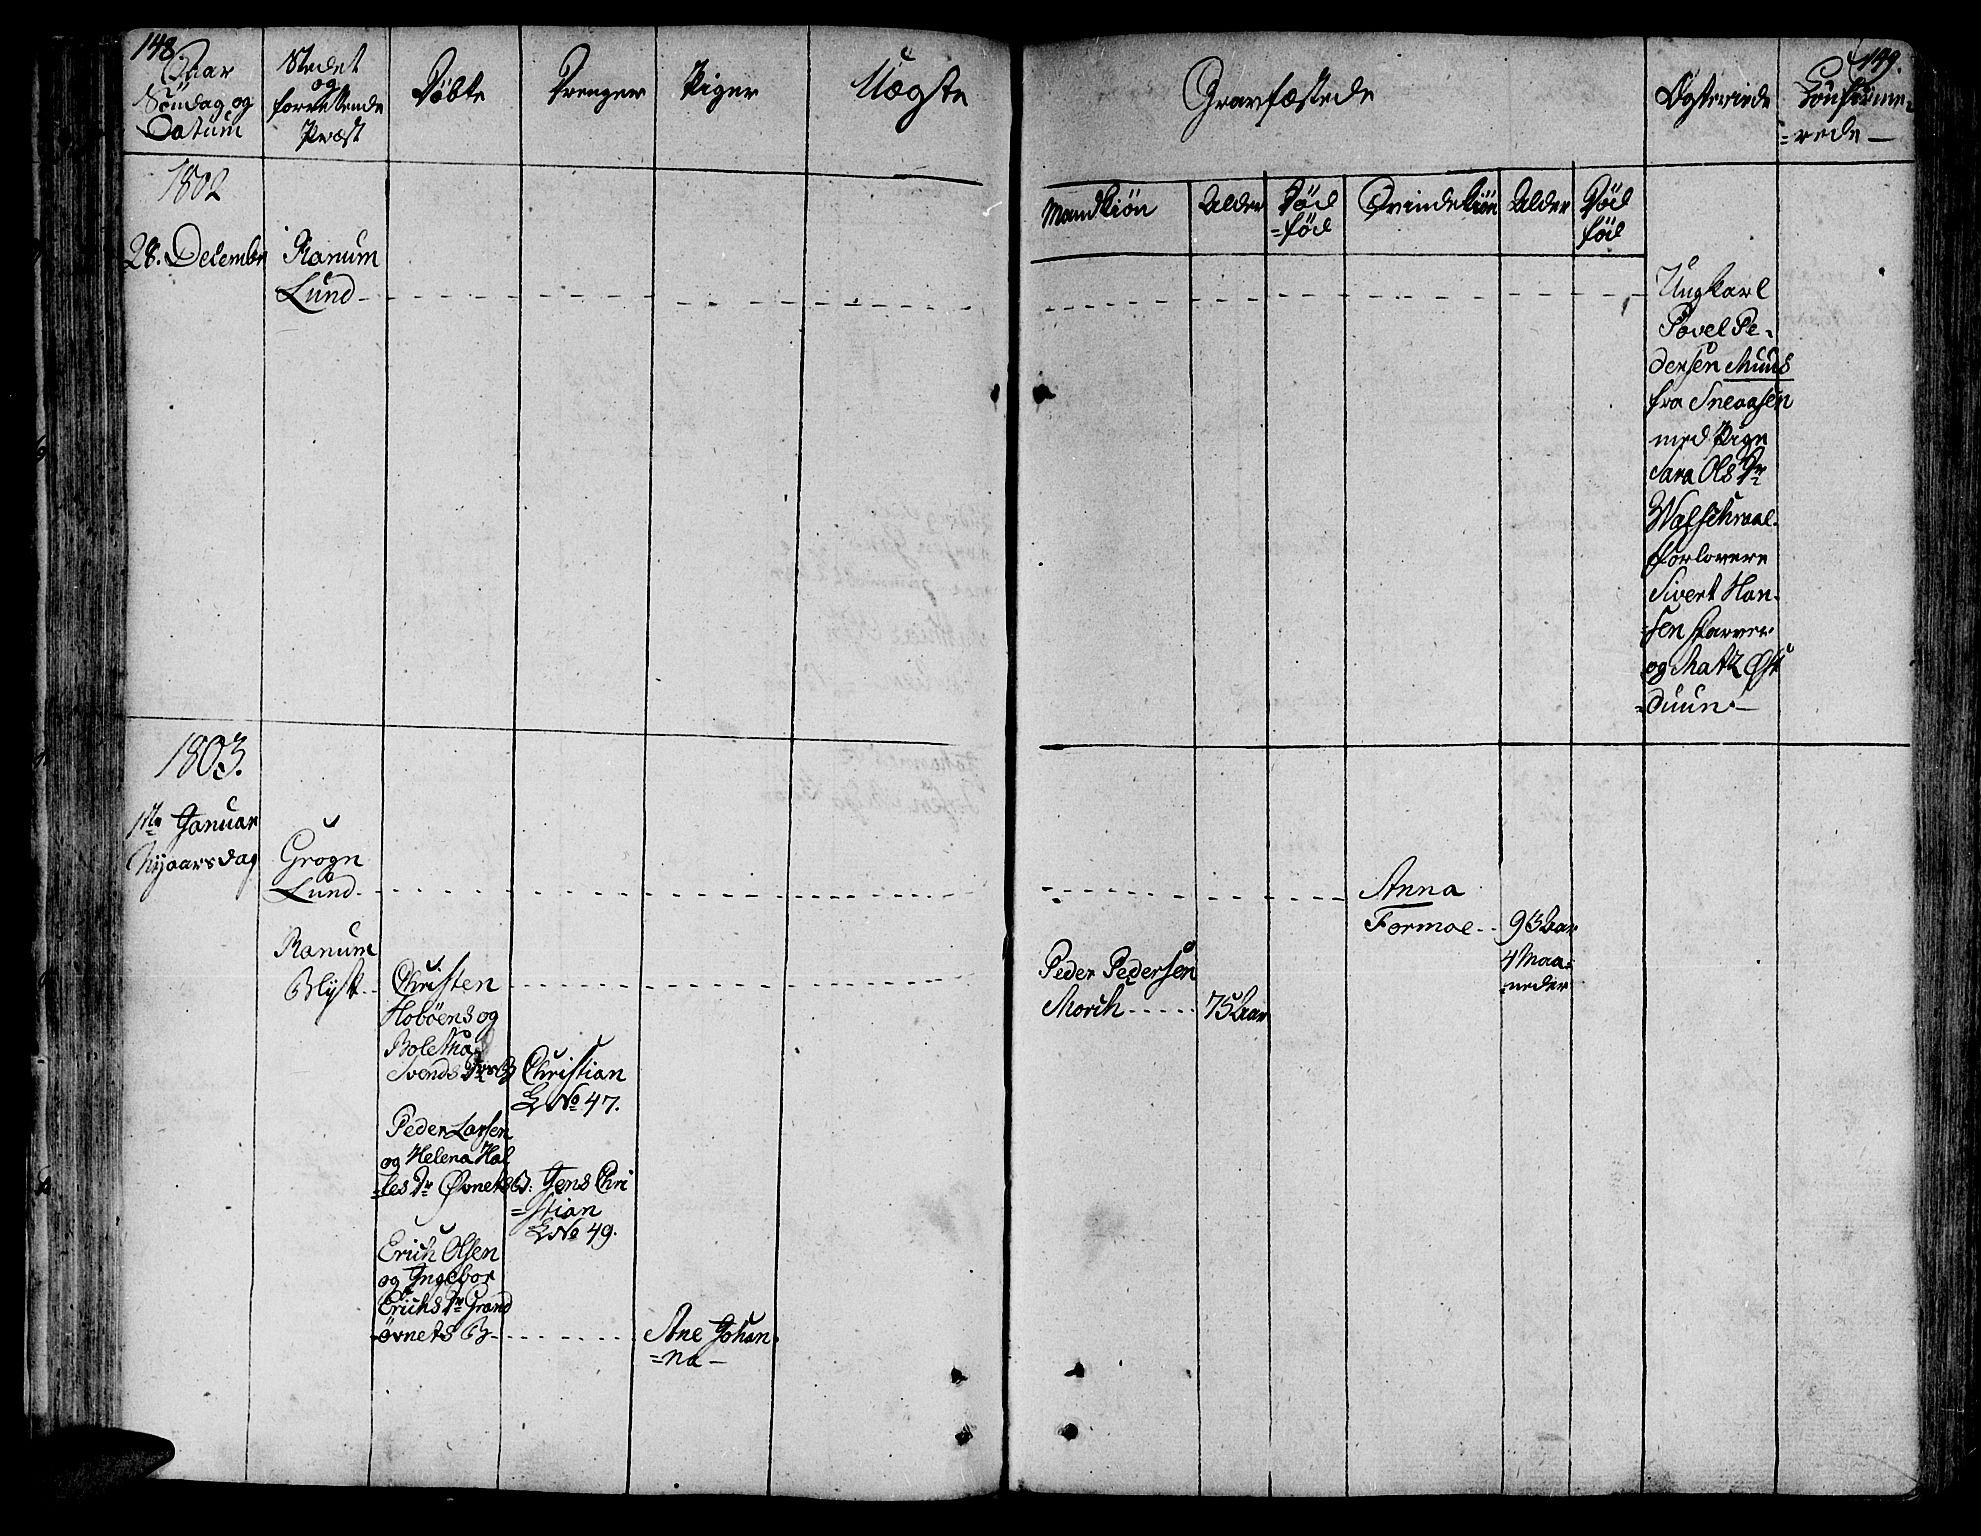 SAT, Ministerialprotokoller, klokkerbøker og fødselsregistre - Nord-Trøndelag, 764/L0545: Ministerialbok nr. 764A05, 1799-1816, s. 148-149